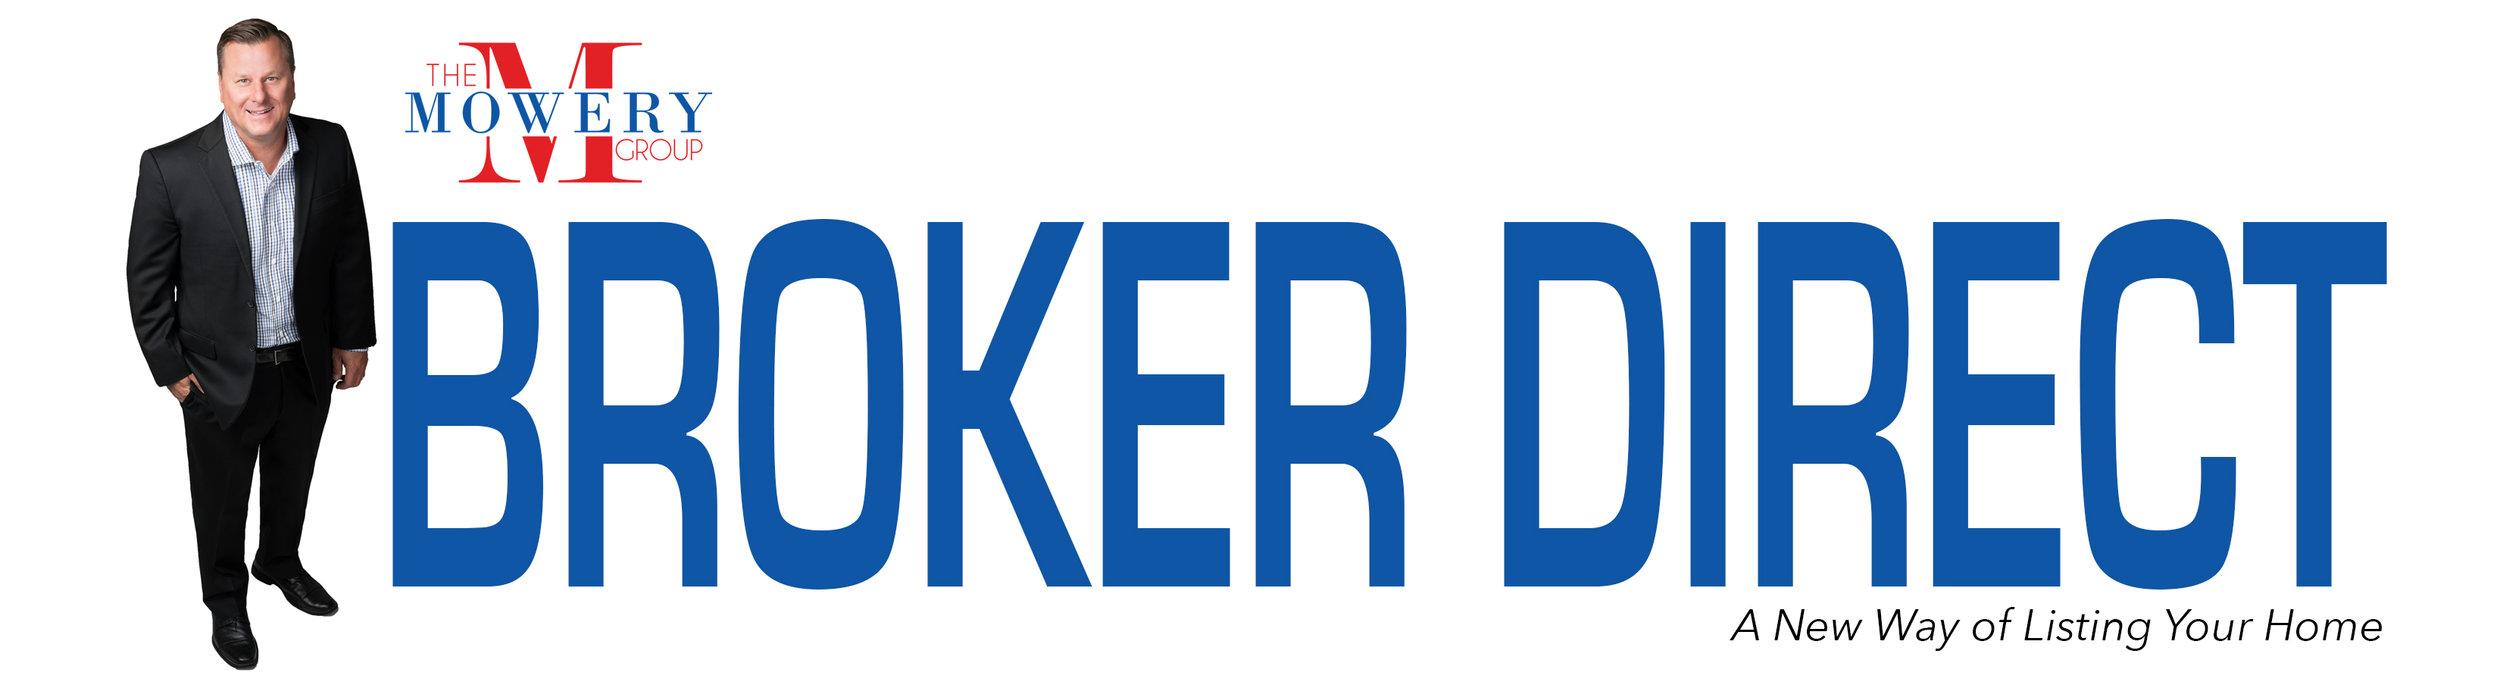 Broker Direct Banner.jpg